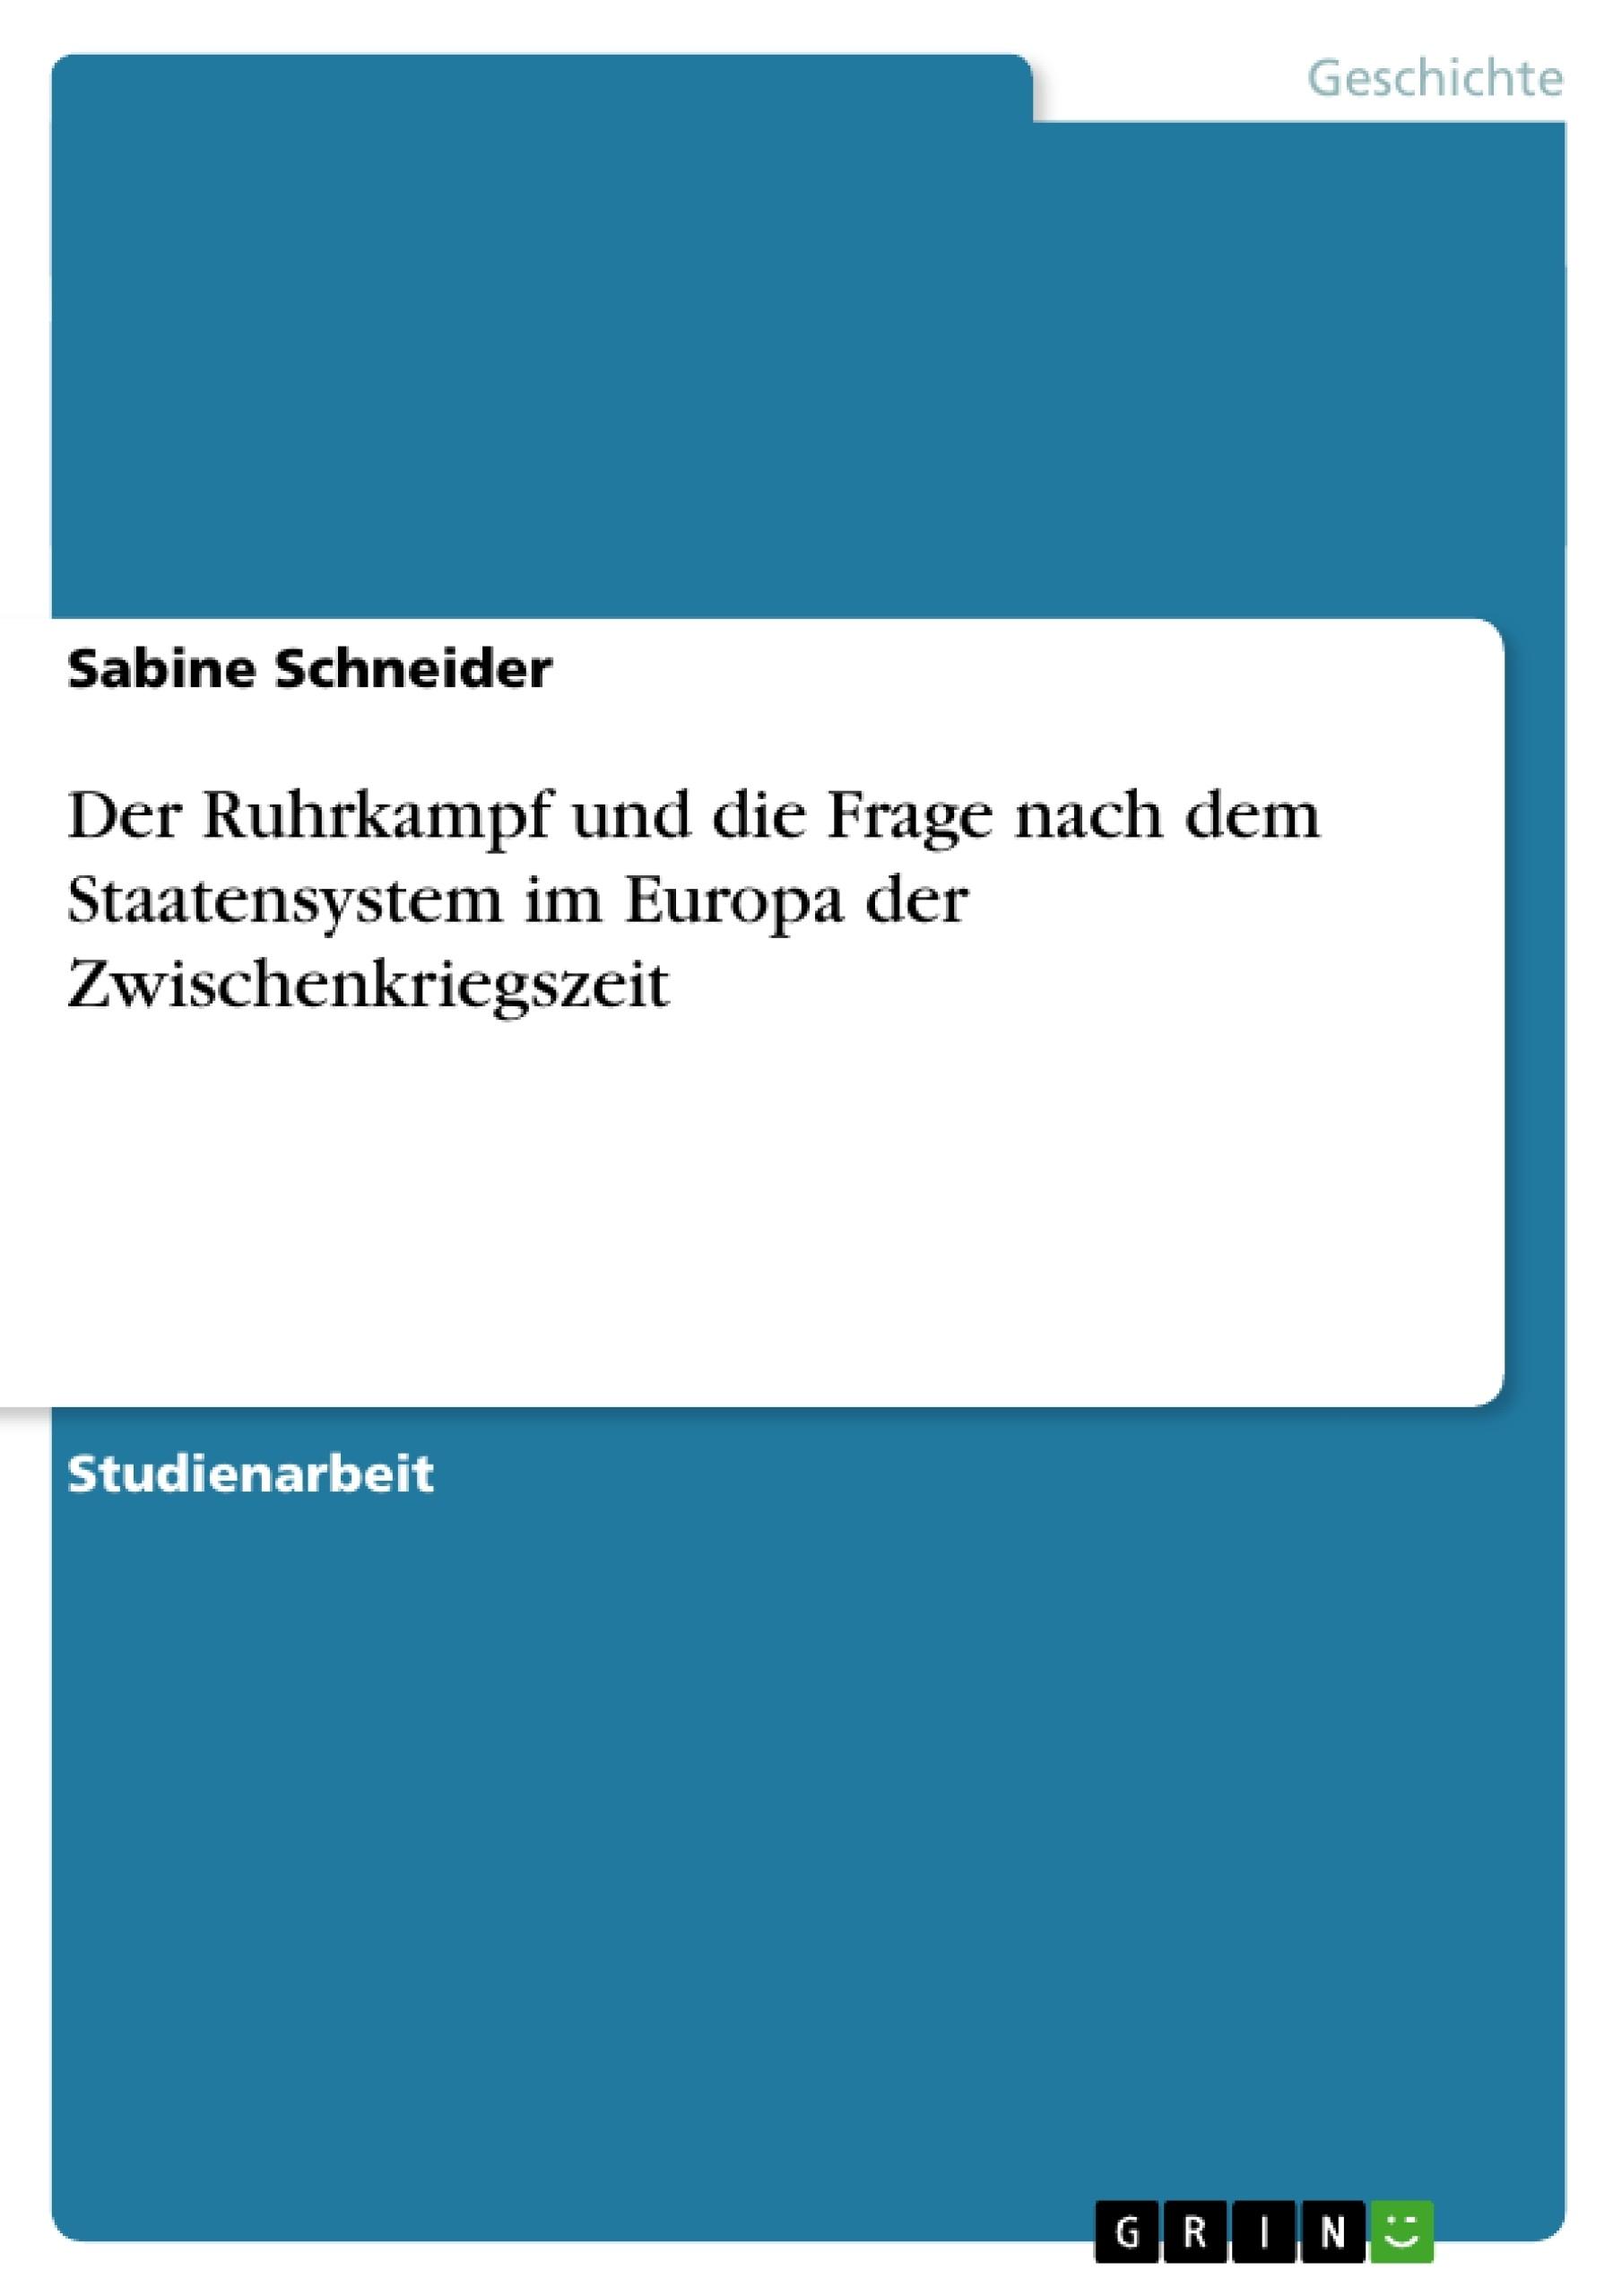 Titel: Der Ruhrkampf und die Frage nach dem Staatensystem im Europa der Zwischenkriegszeit